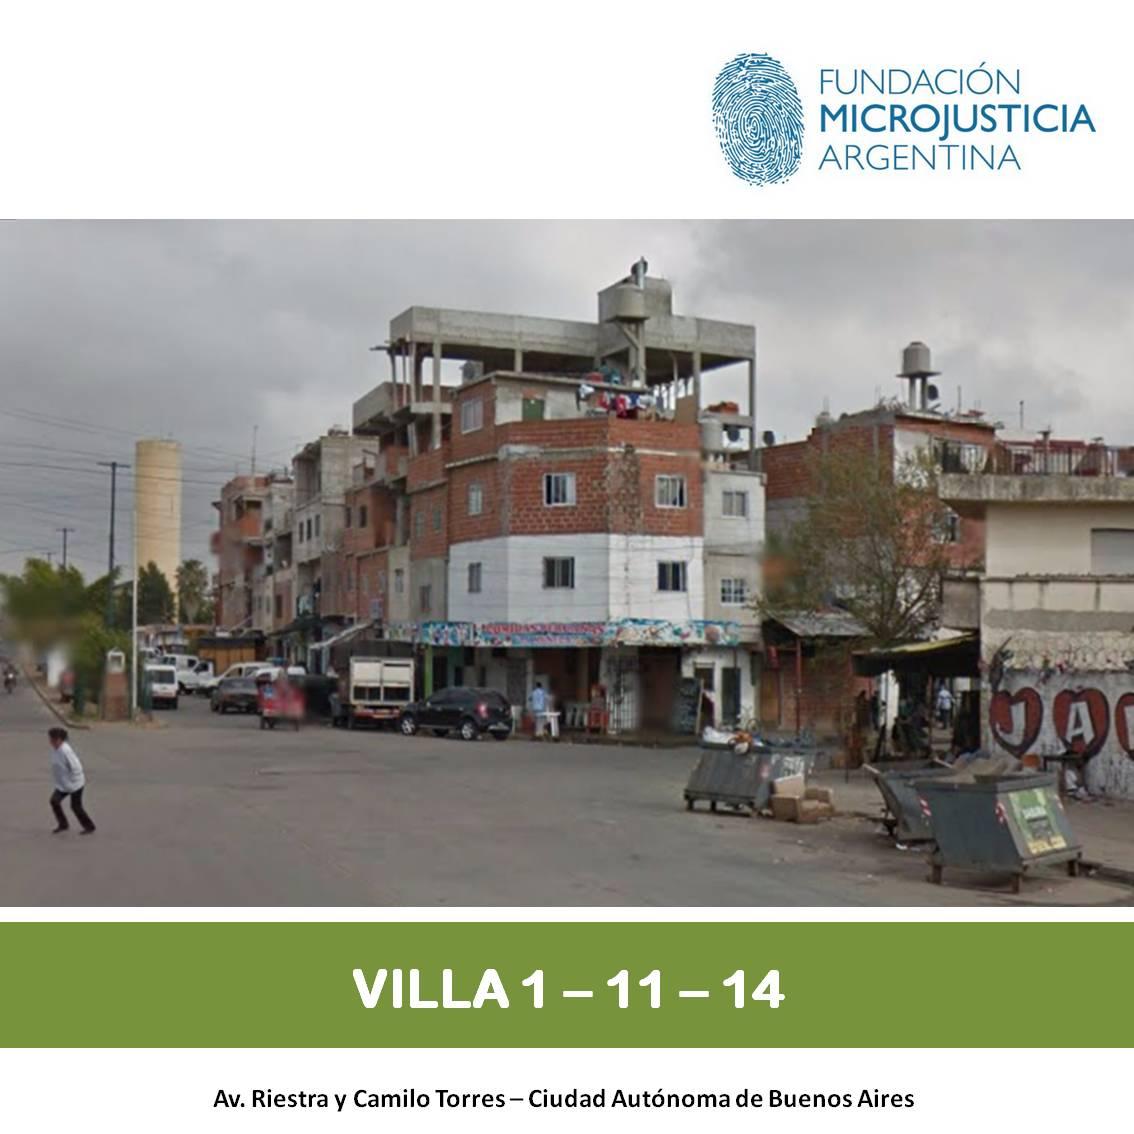 VILLA 1-11-14